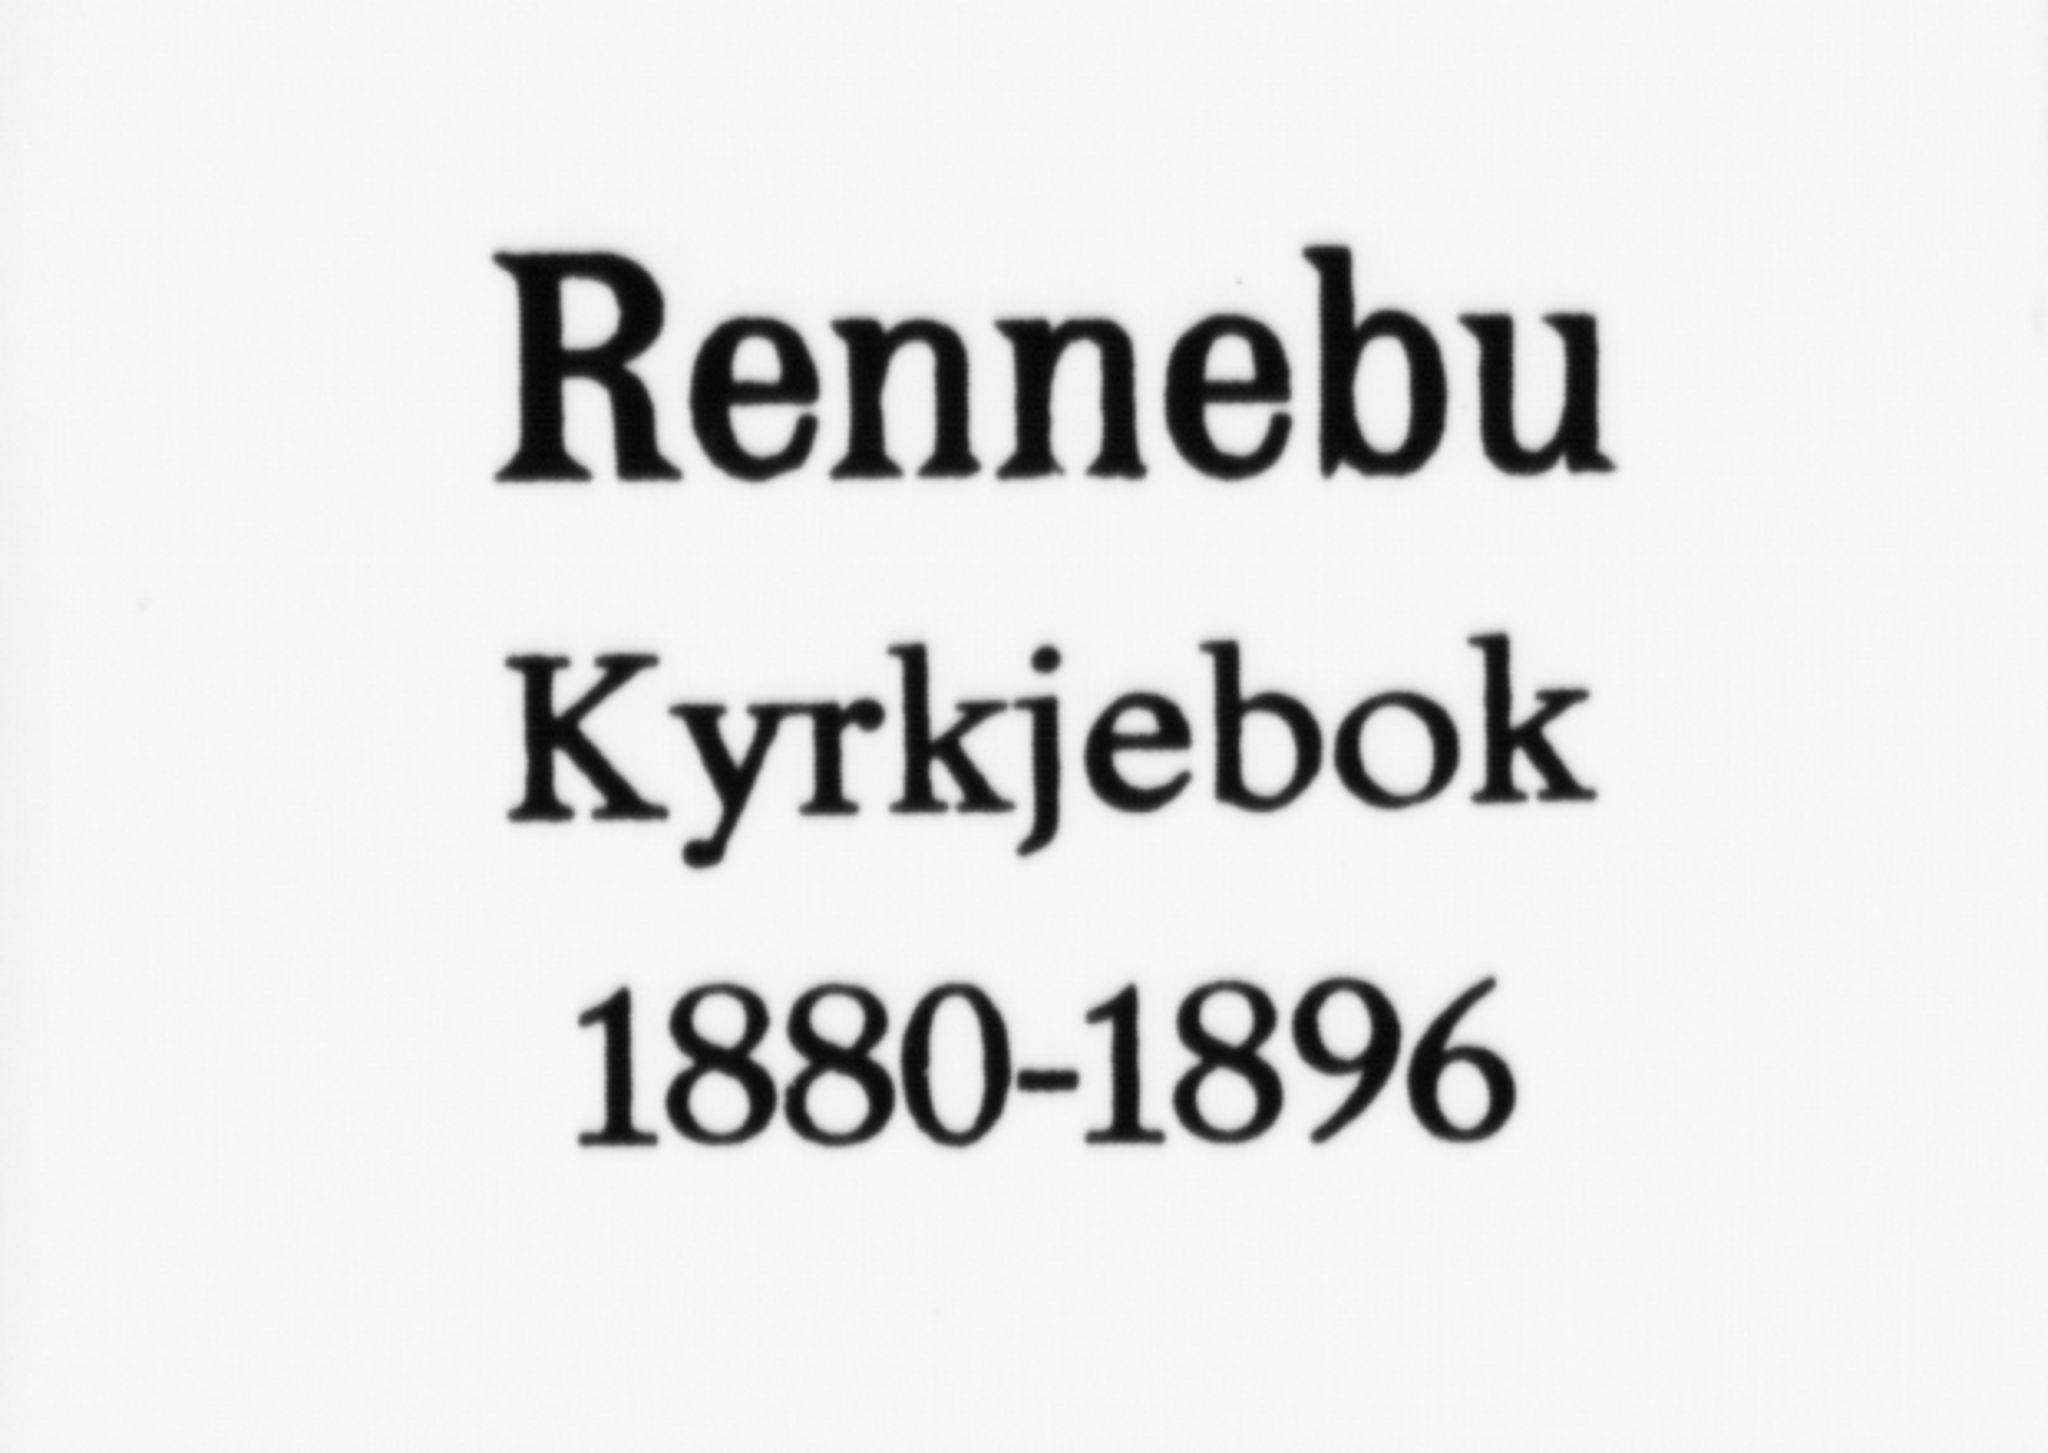 SAT, Ministerialprotokoller, klokkerbøker og fødselsregistre - Sør-Trøndelag, 674/L0871: Ministerialbok nr. 674A03, 1880-1896